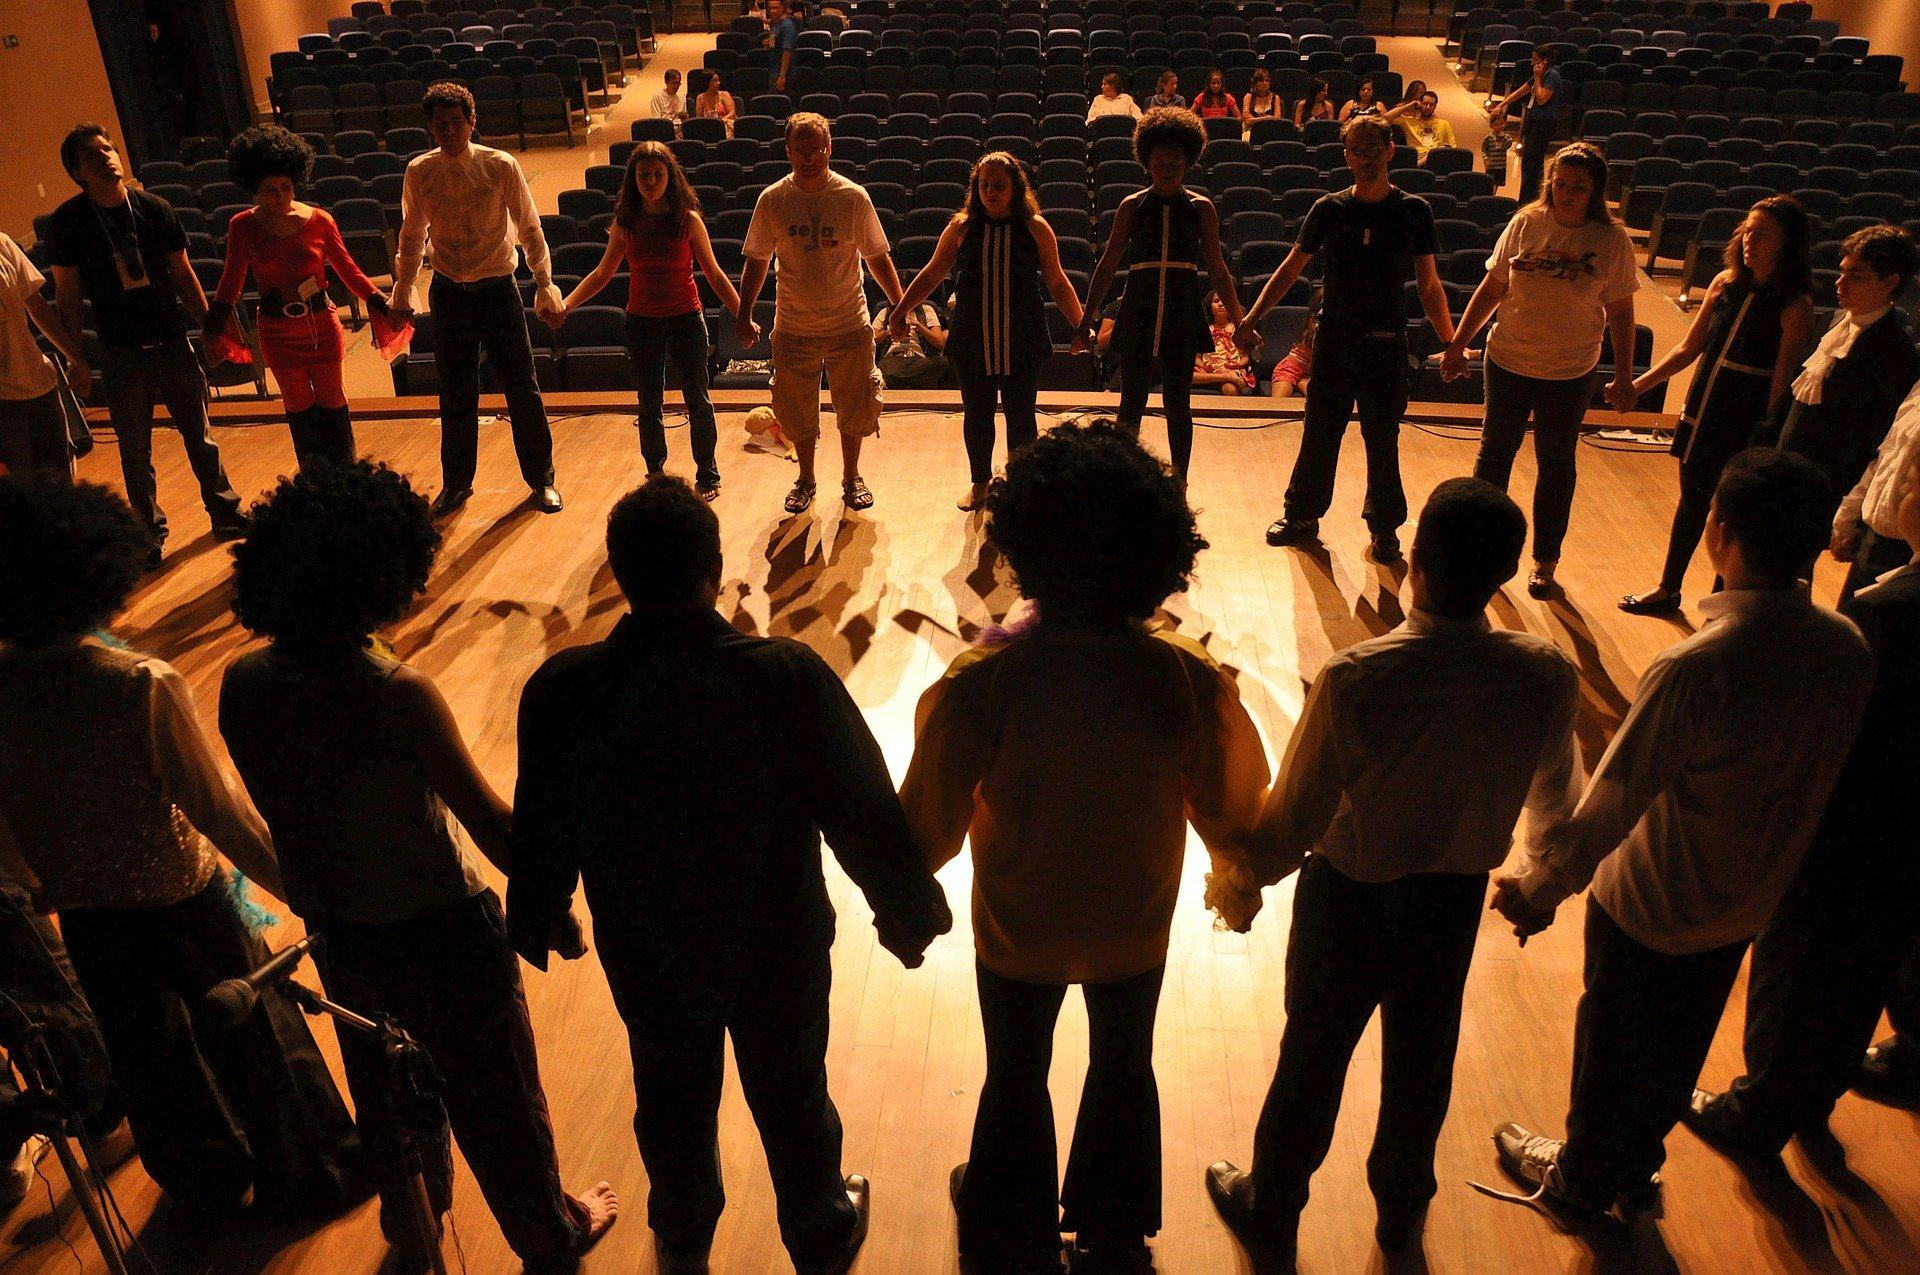 Театральный мастер-класс организуют в центре «Братеево»